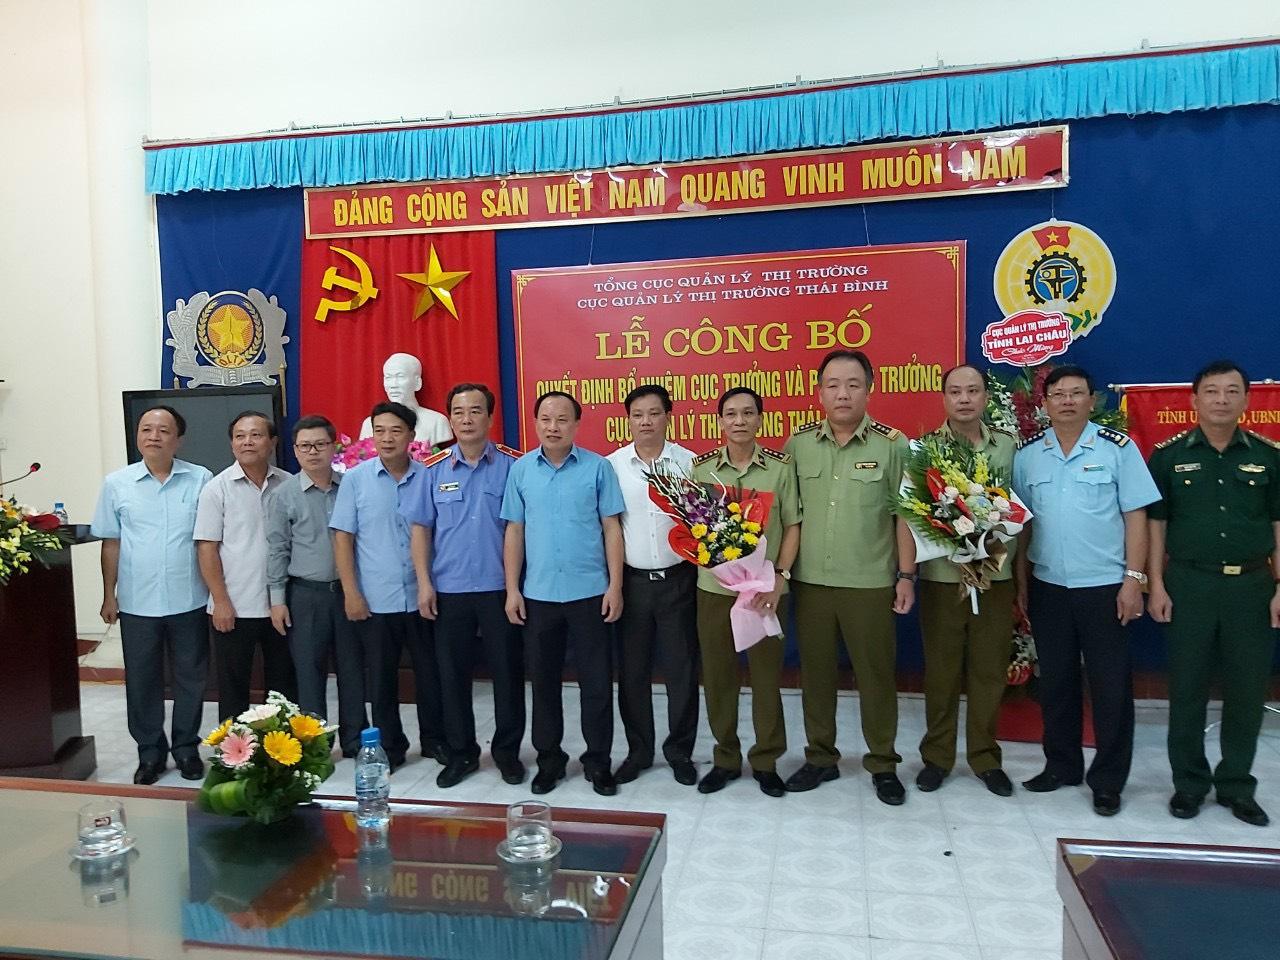 Cục QLTT Thái Bình: Công bố quyết định bổ nhiệm Cục trưởng và Phó Cục trưởng Cục Quản lý thị trường tỉnh.